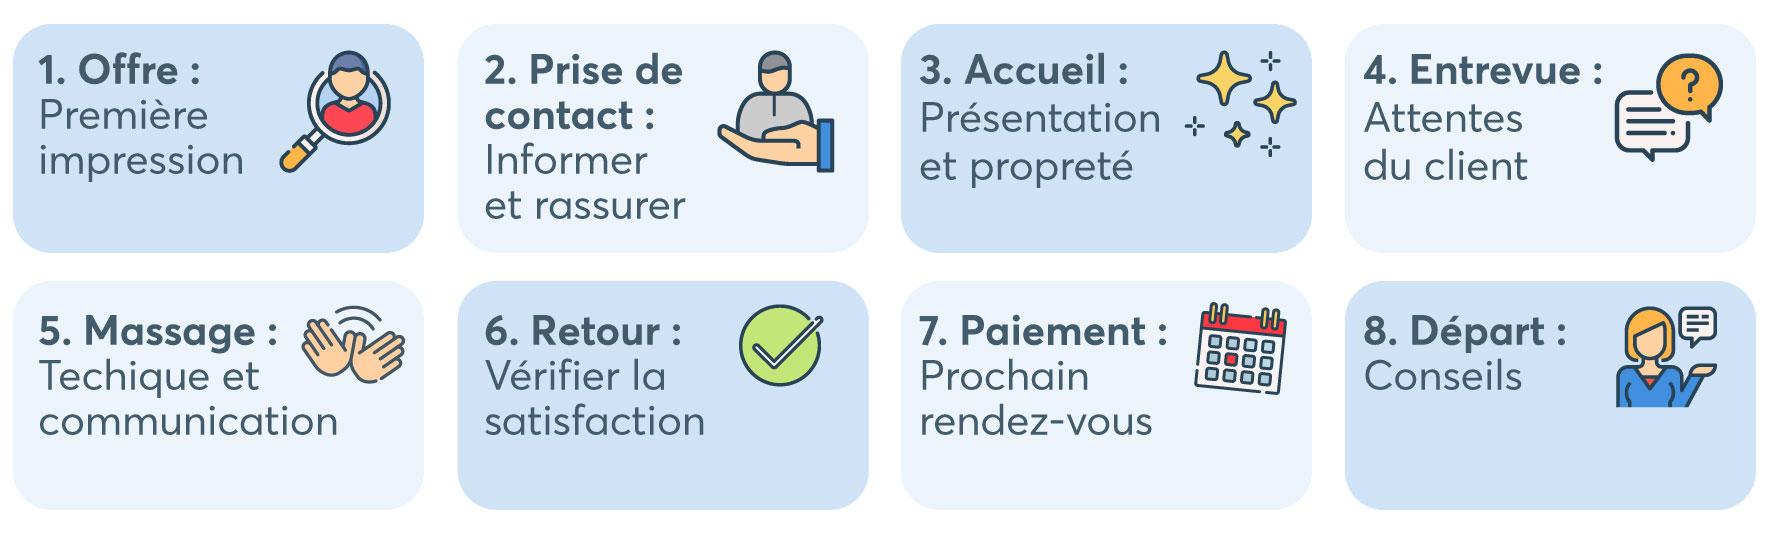 8 étapes pour bonifier l'expérience client - Blogue du Réseau